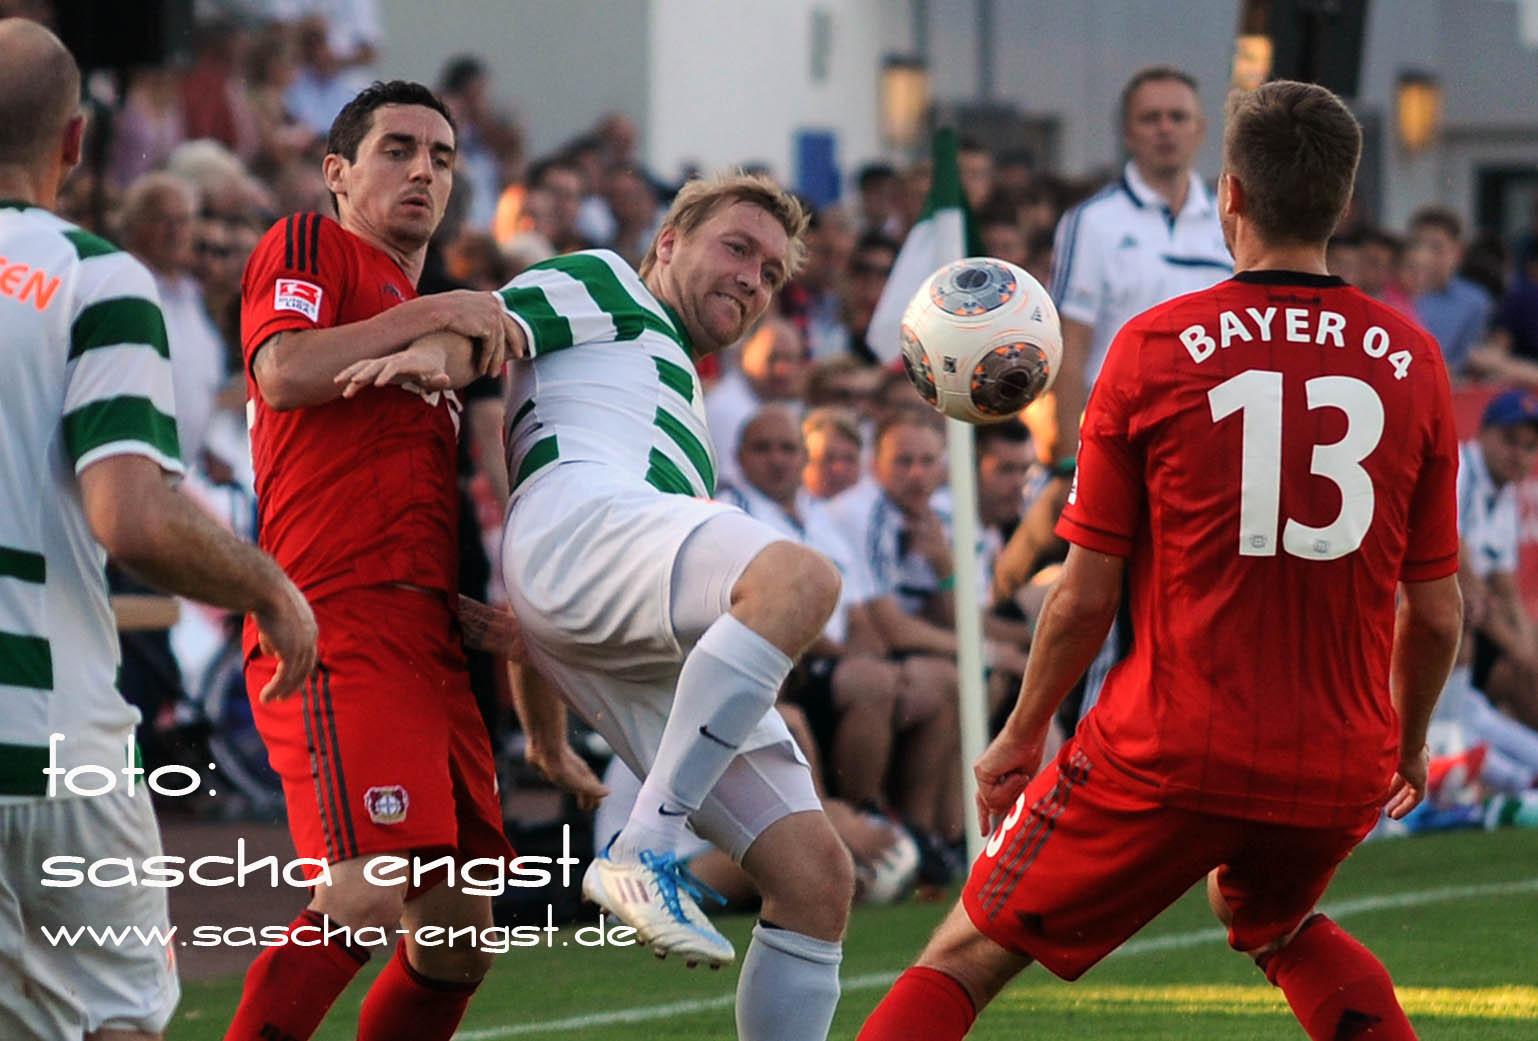 Daniel Thonke Testspiel Bayer Leverkusen - SSV Merten